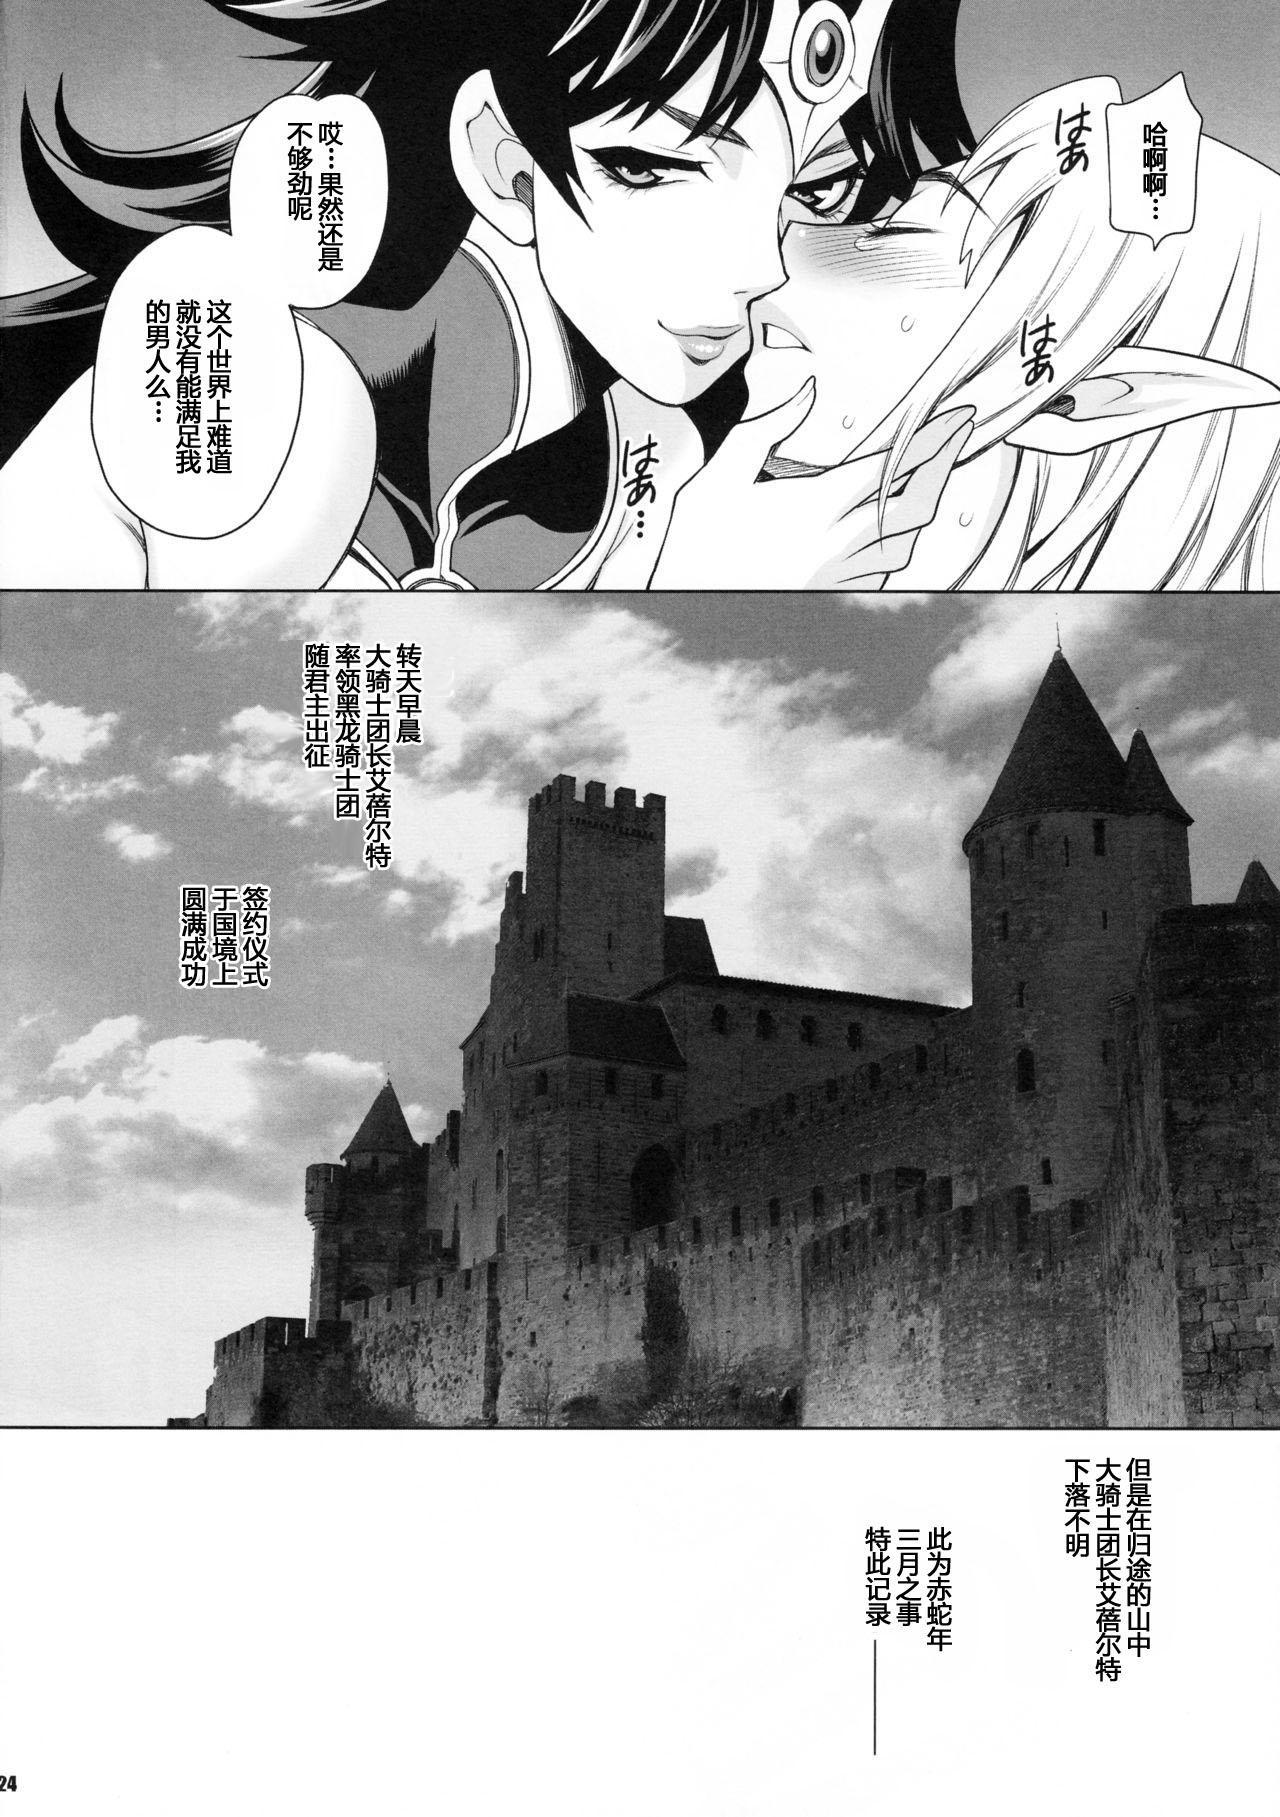 Yukiyanagi no Hon 38 Buta to Onnakishi 2 - Onnakishi wa Elf Shounen ga Okiniiri 22